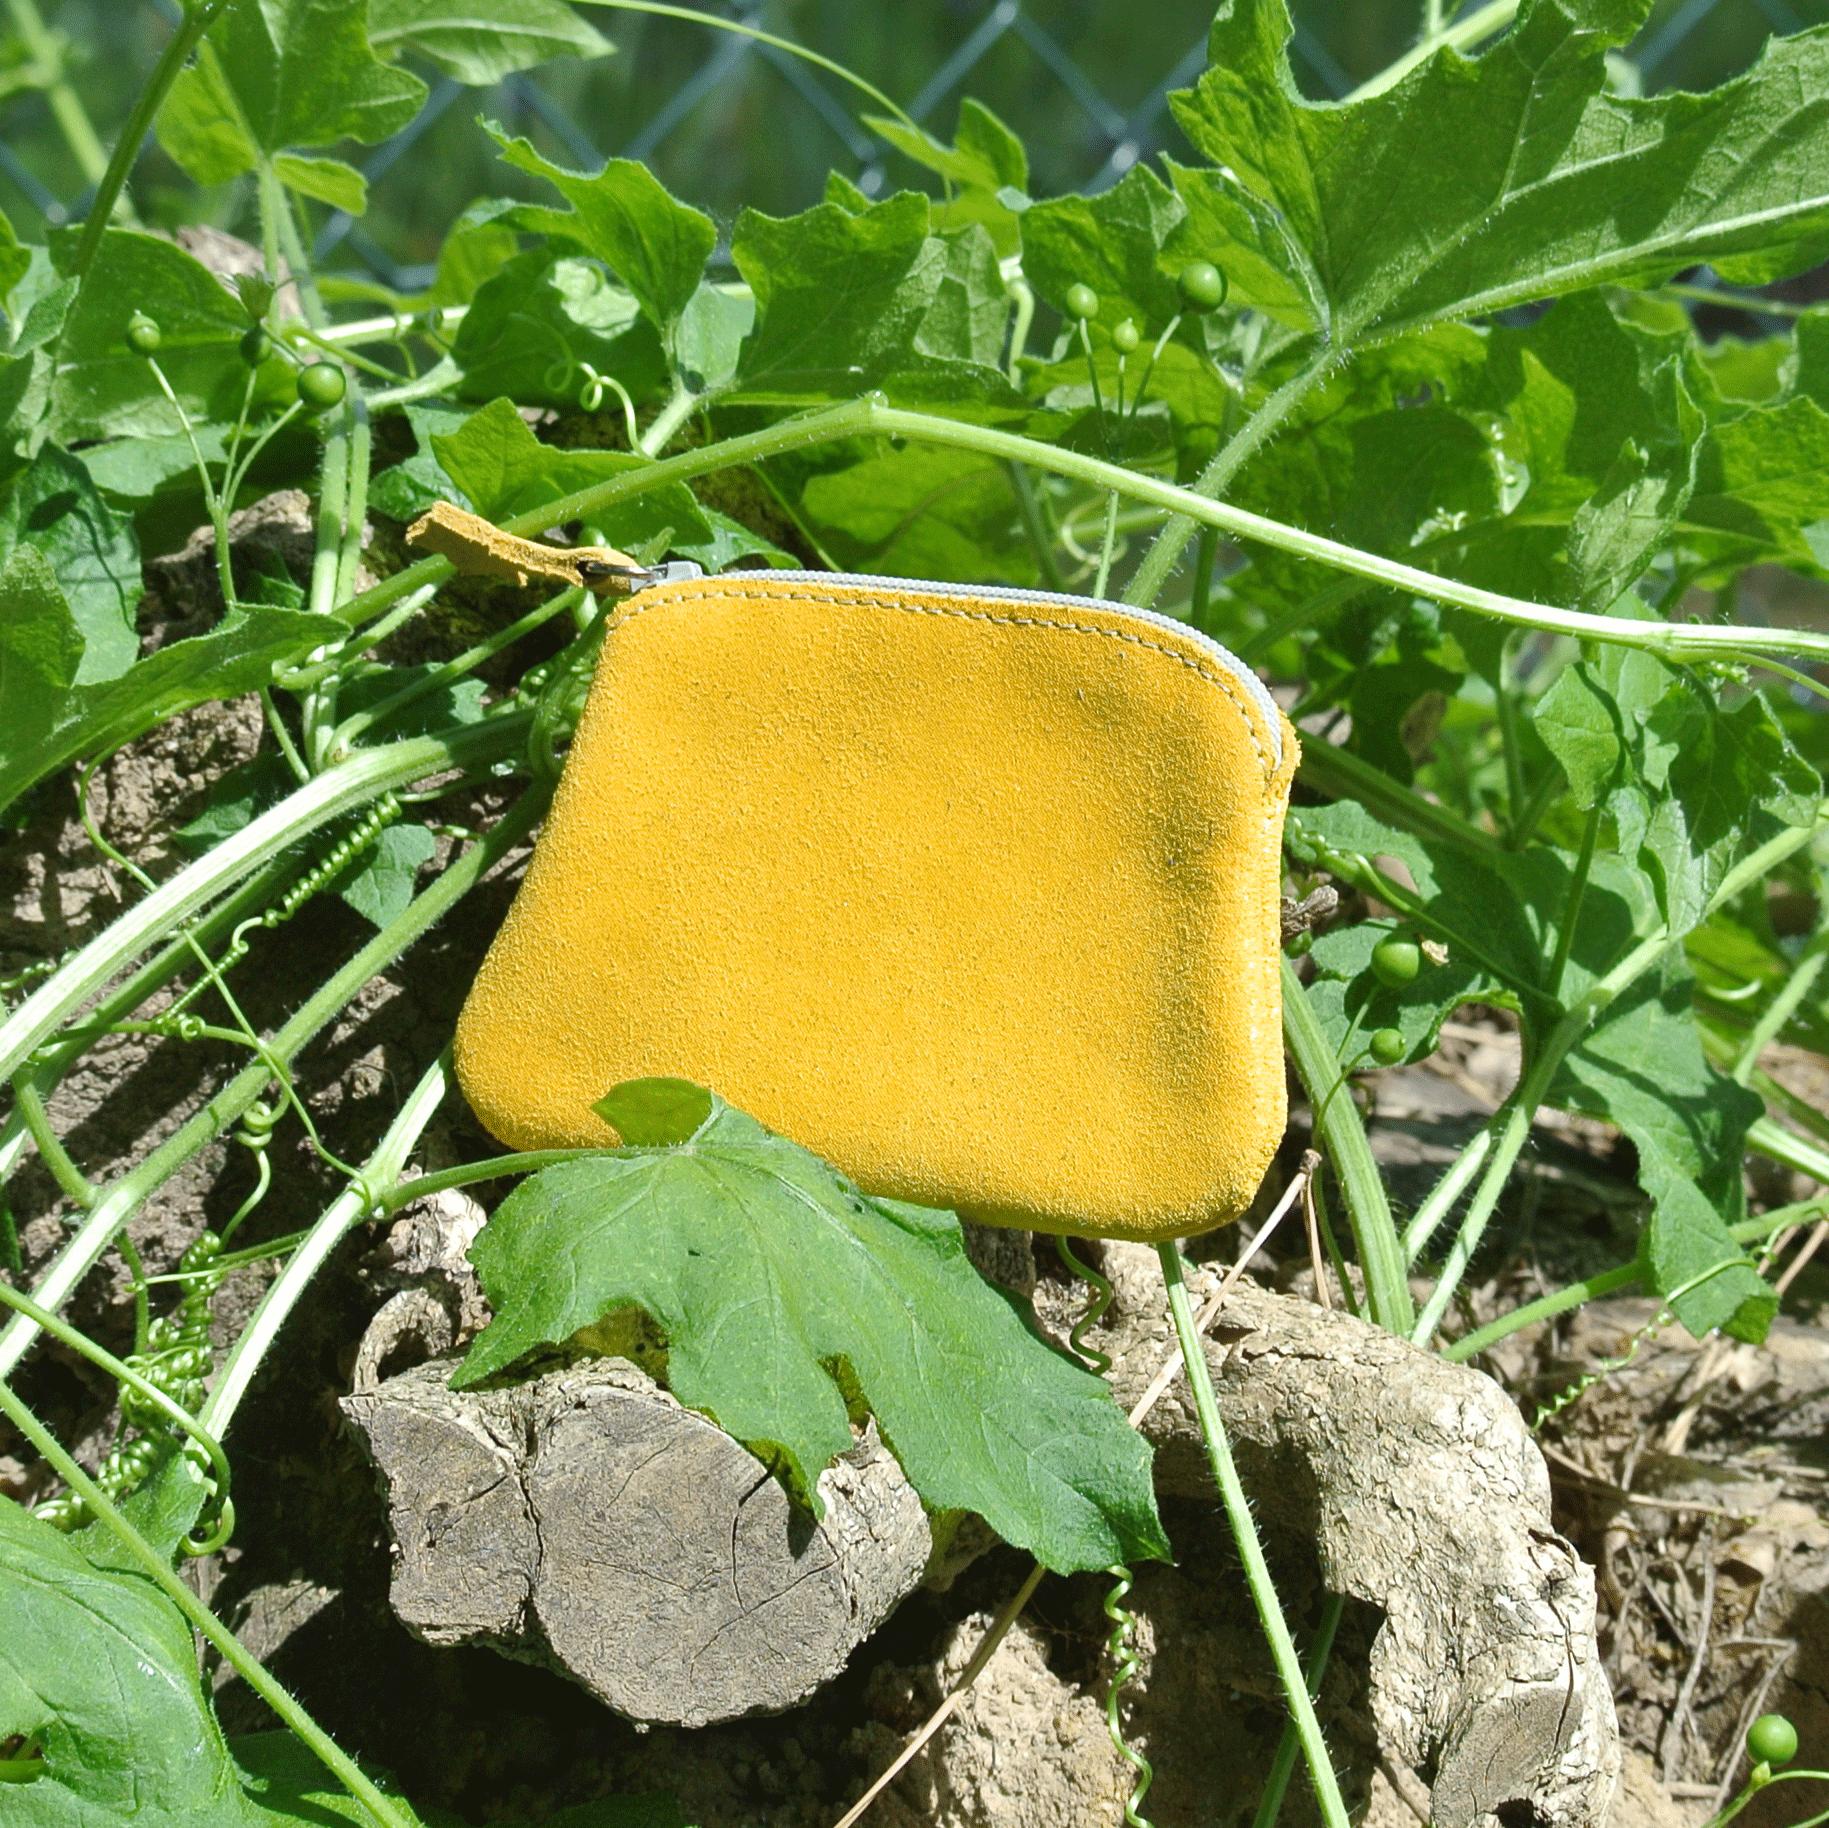 cuirs-fantaisies-la-cartabliere-fabrique-en-france-porte-monnaie-kiwi-en-cuir-paillete-jaune-safran